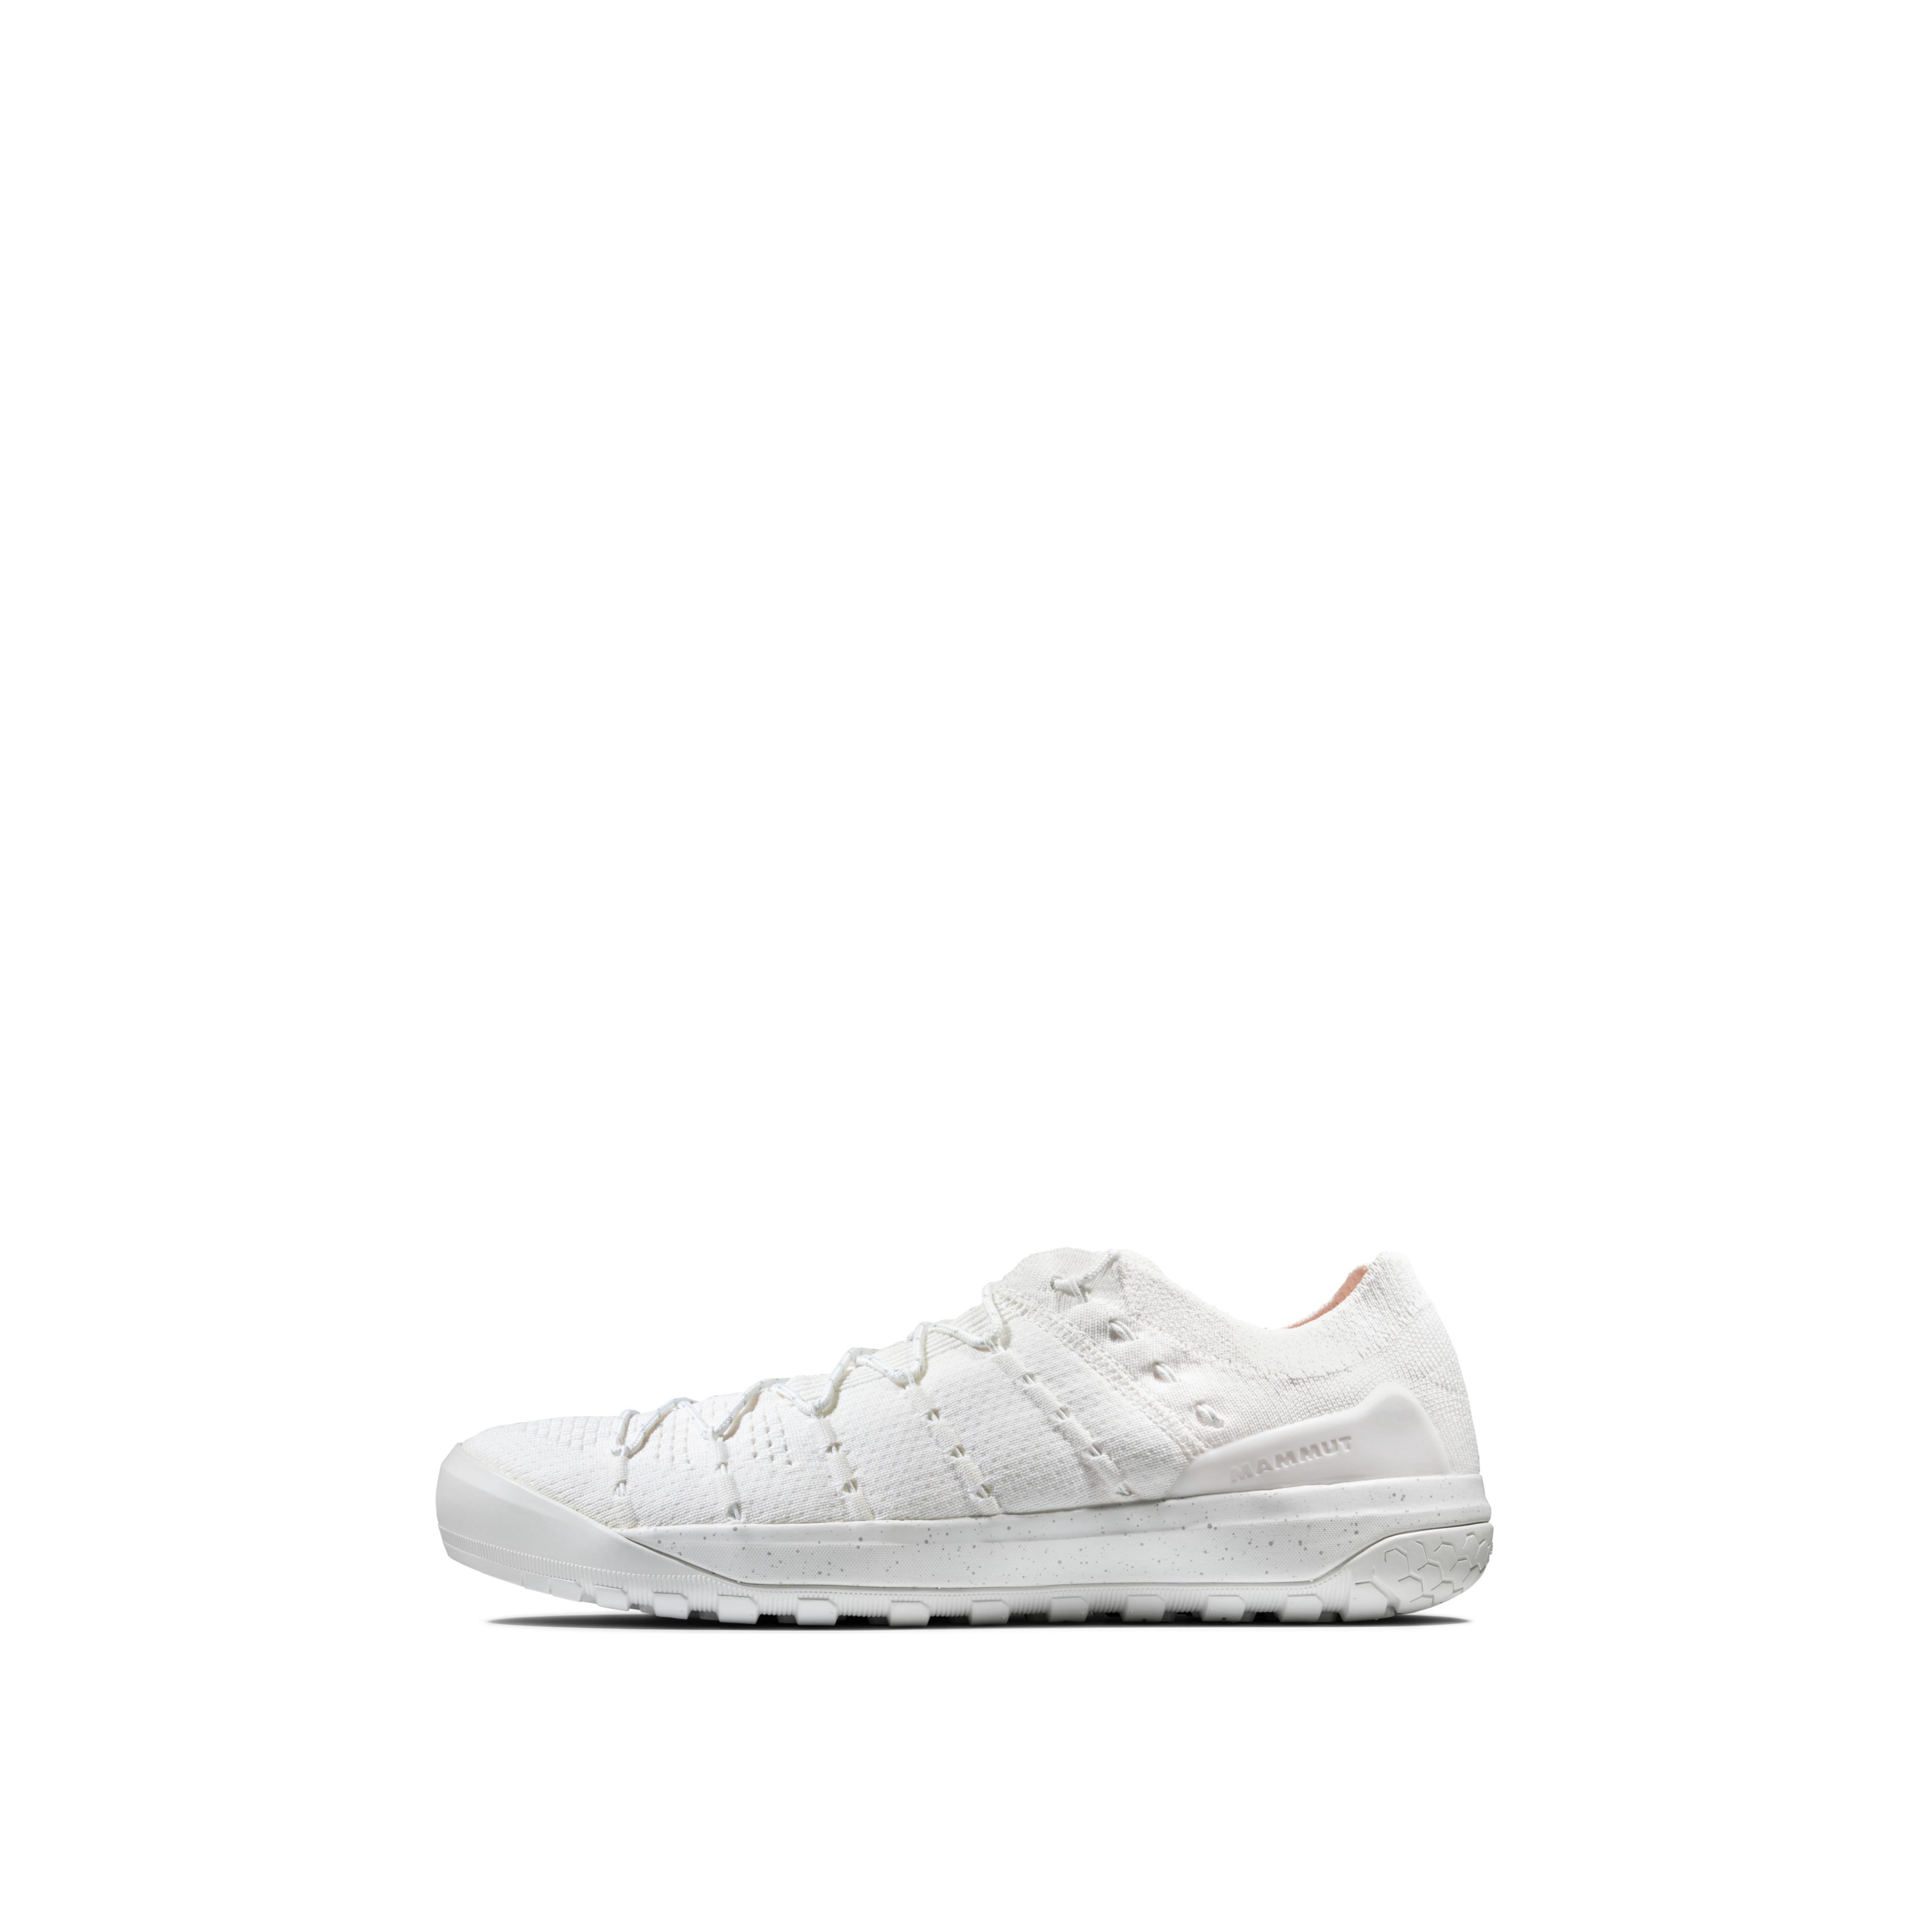 Hueco Knit Low Men - bright white, UK 6.5 thumbnail